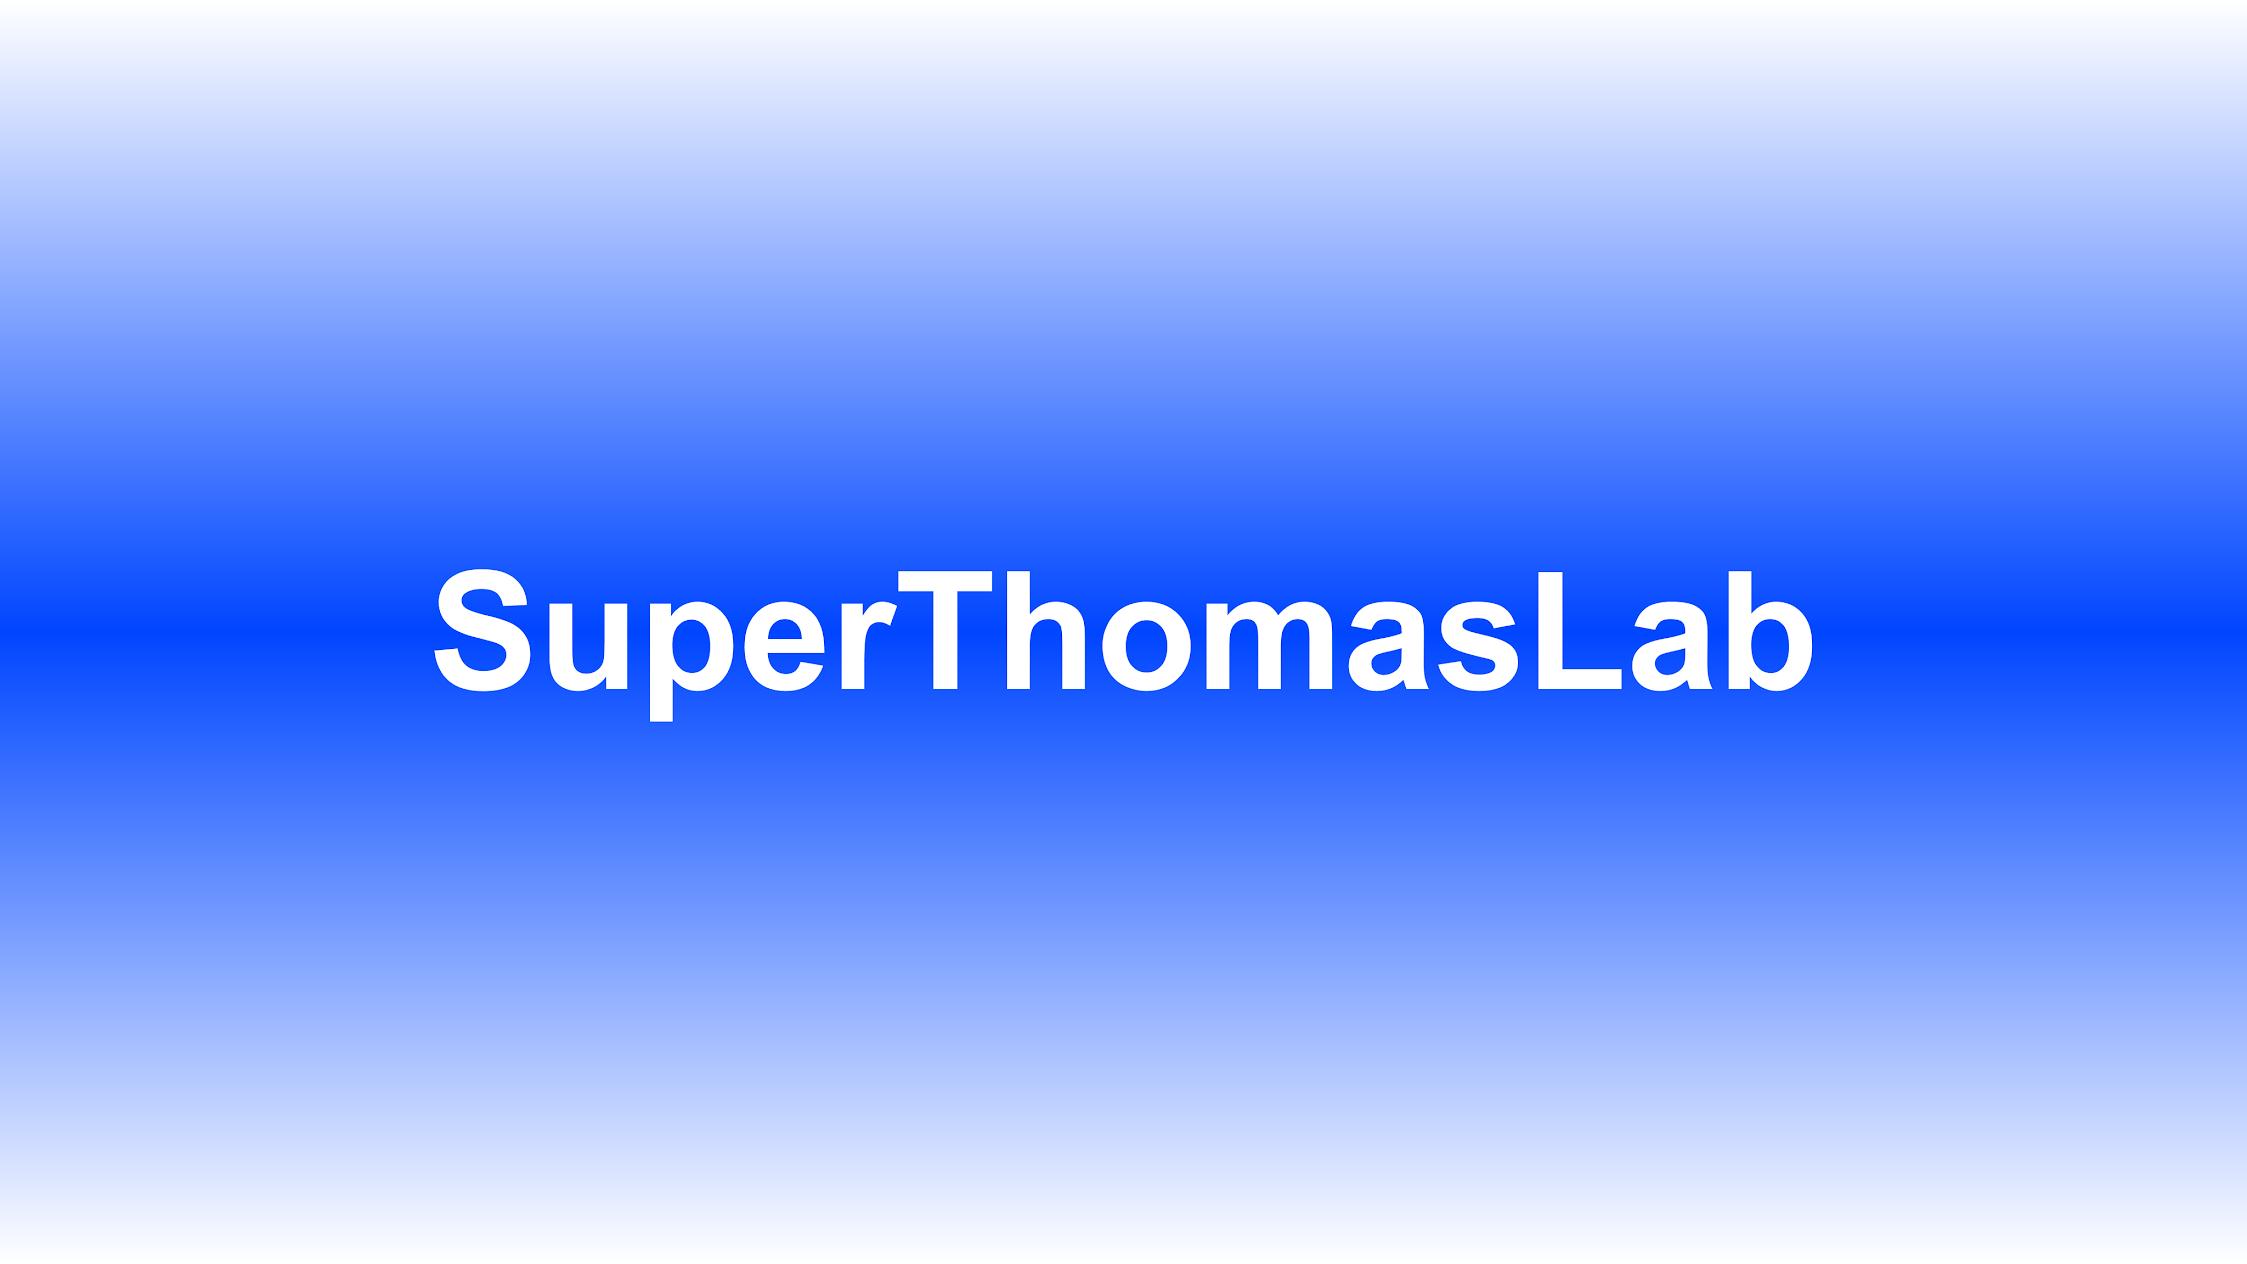 SuperThomasLab